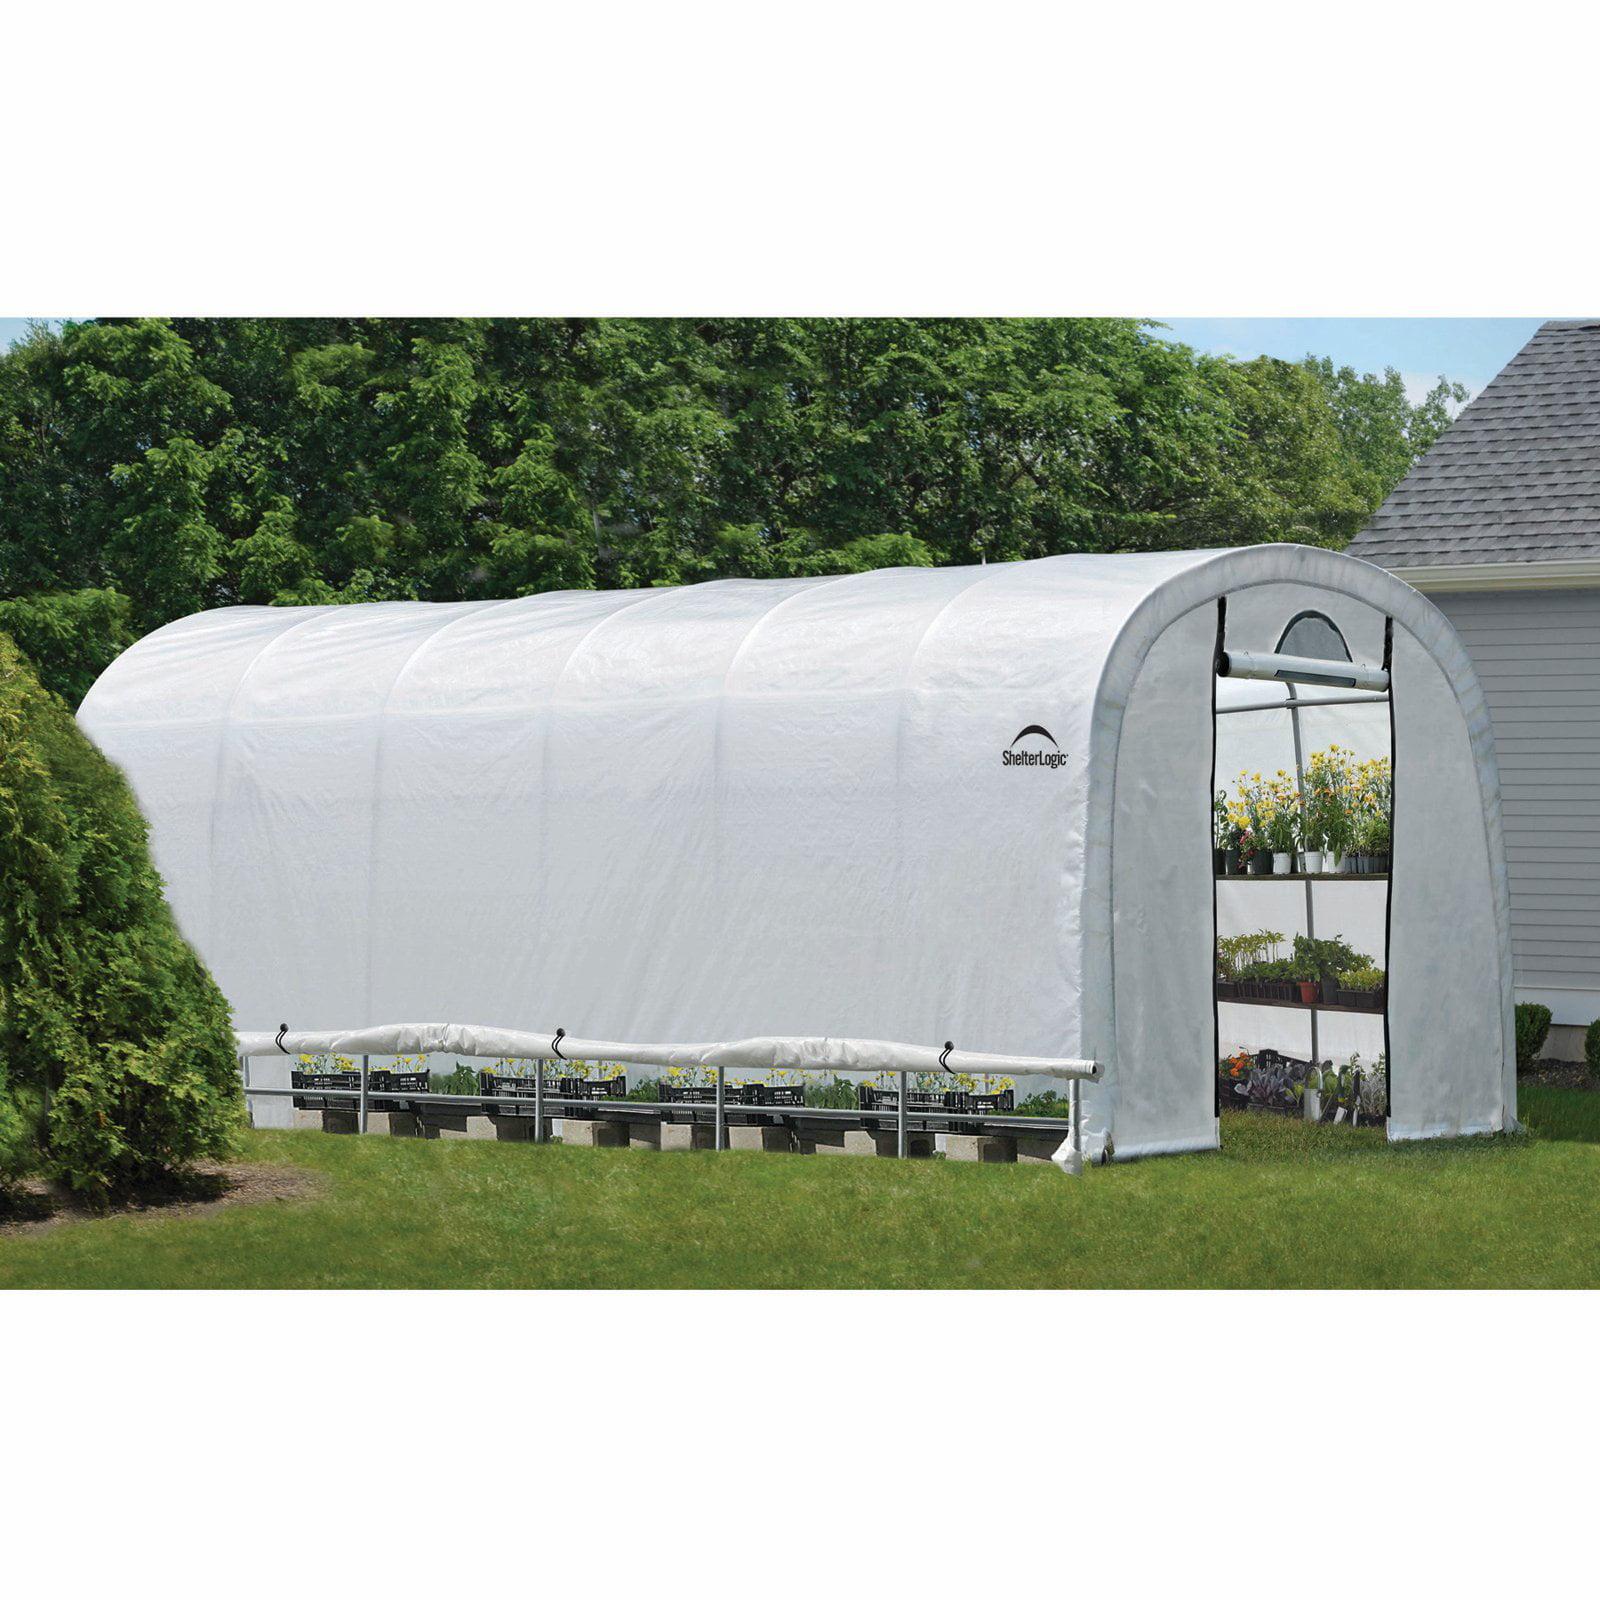 GrowIt Heavy Duty Walk-Thru Greenhouse Round-Style, 12' x 24' x 8'